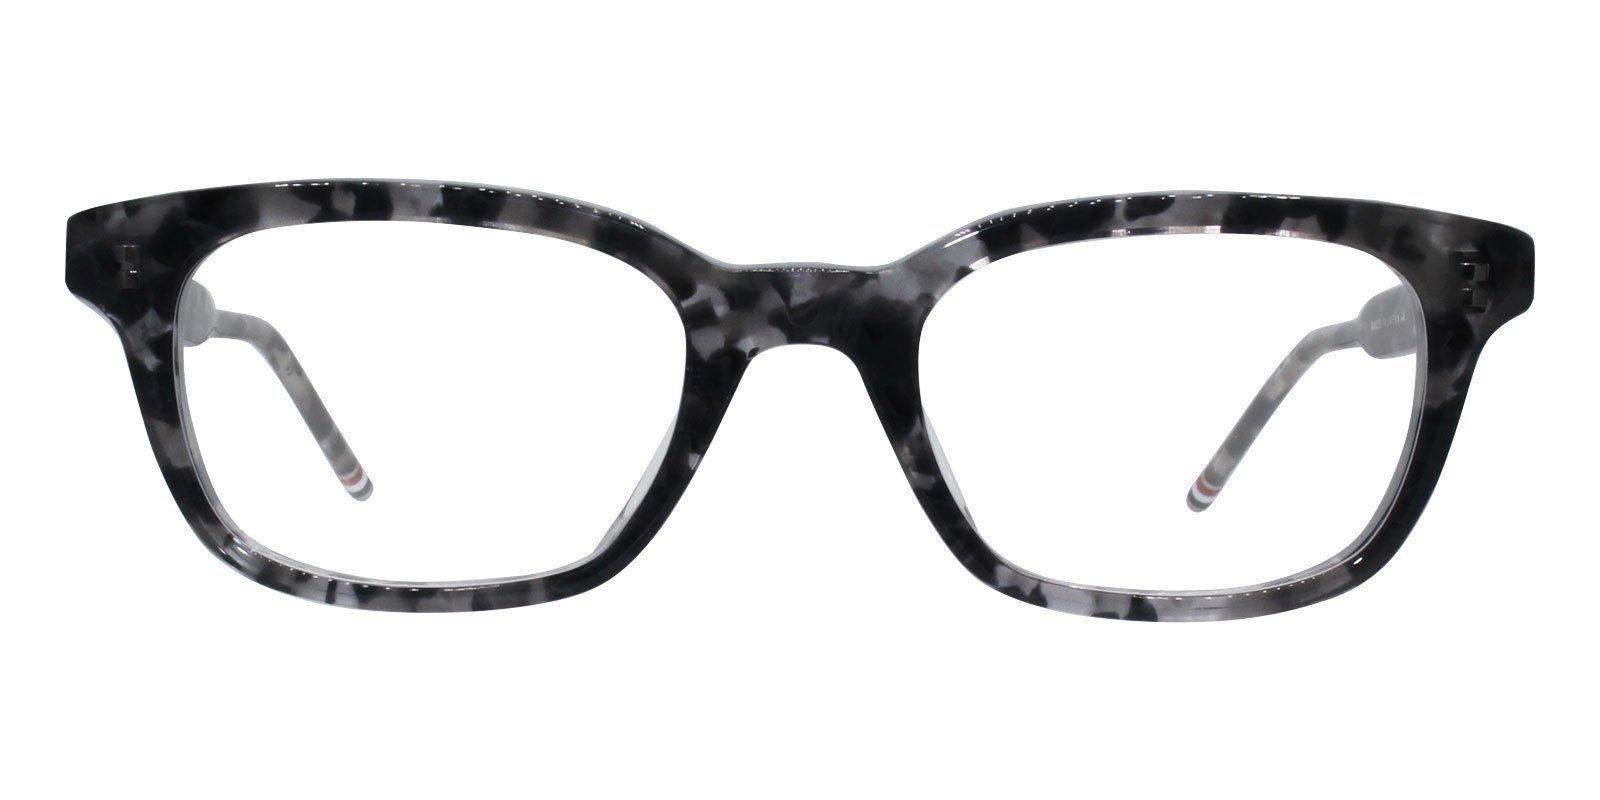 c3064841cc Thom Browne - TB-410 Tortoise eyeglasses